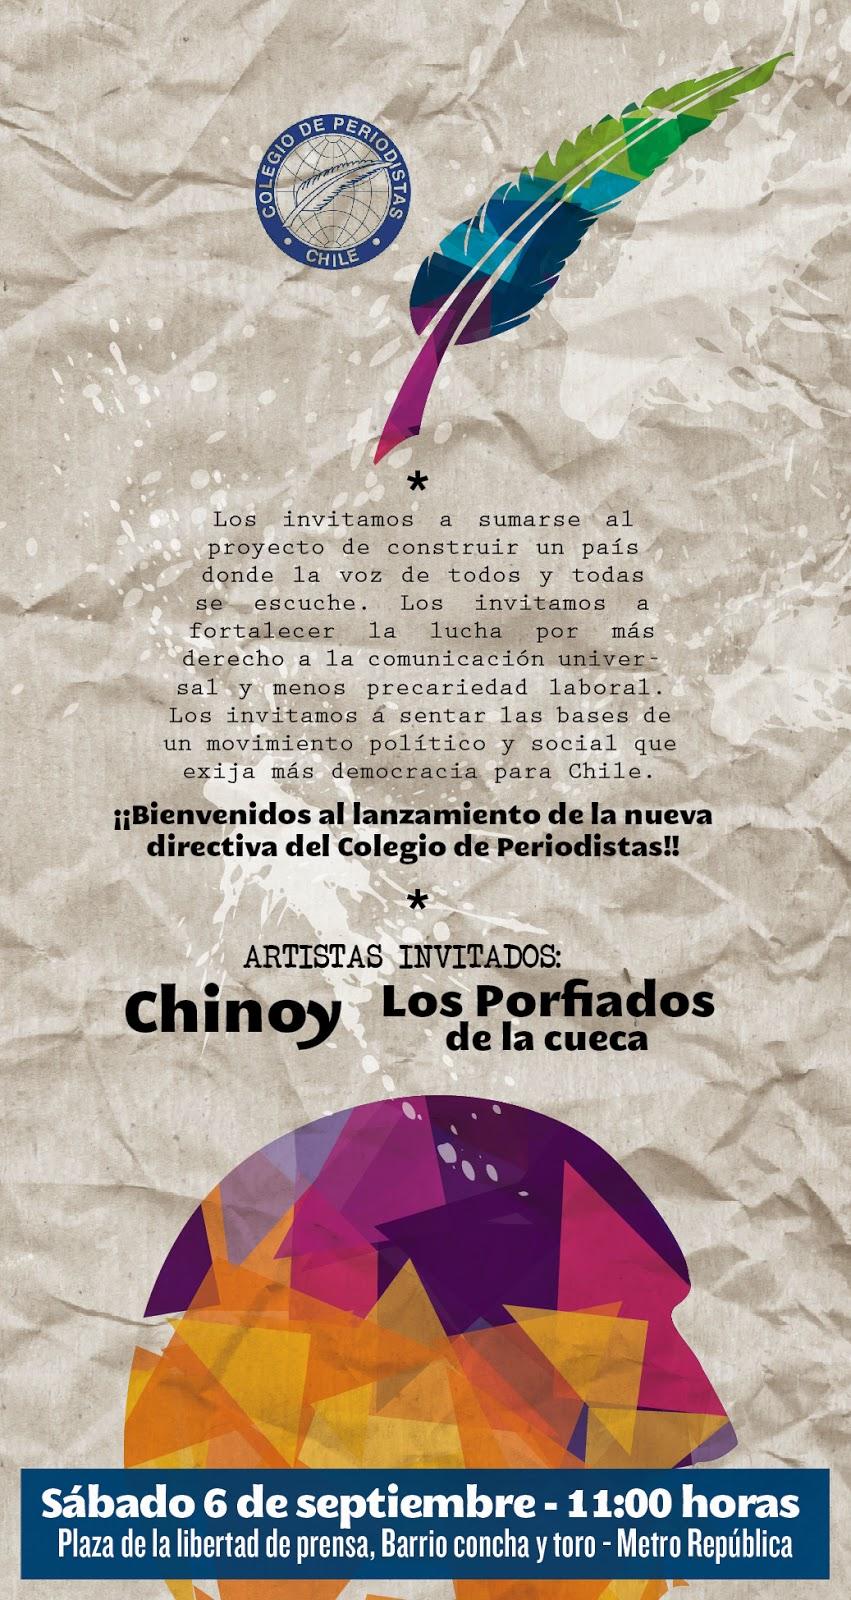 Chinoy actuará en presentación pública y ciudadana de nueva conduccióndel Colegio de Periodistas